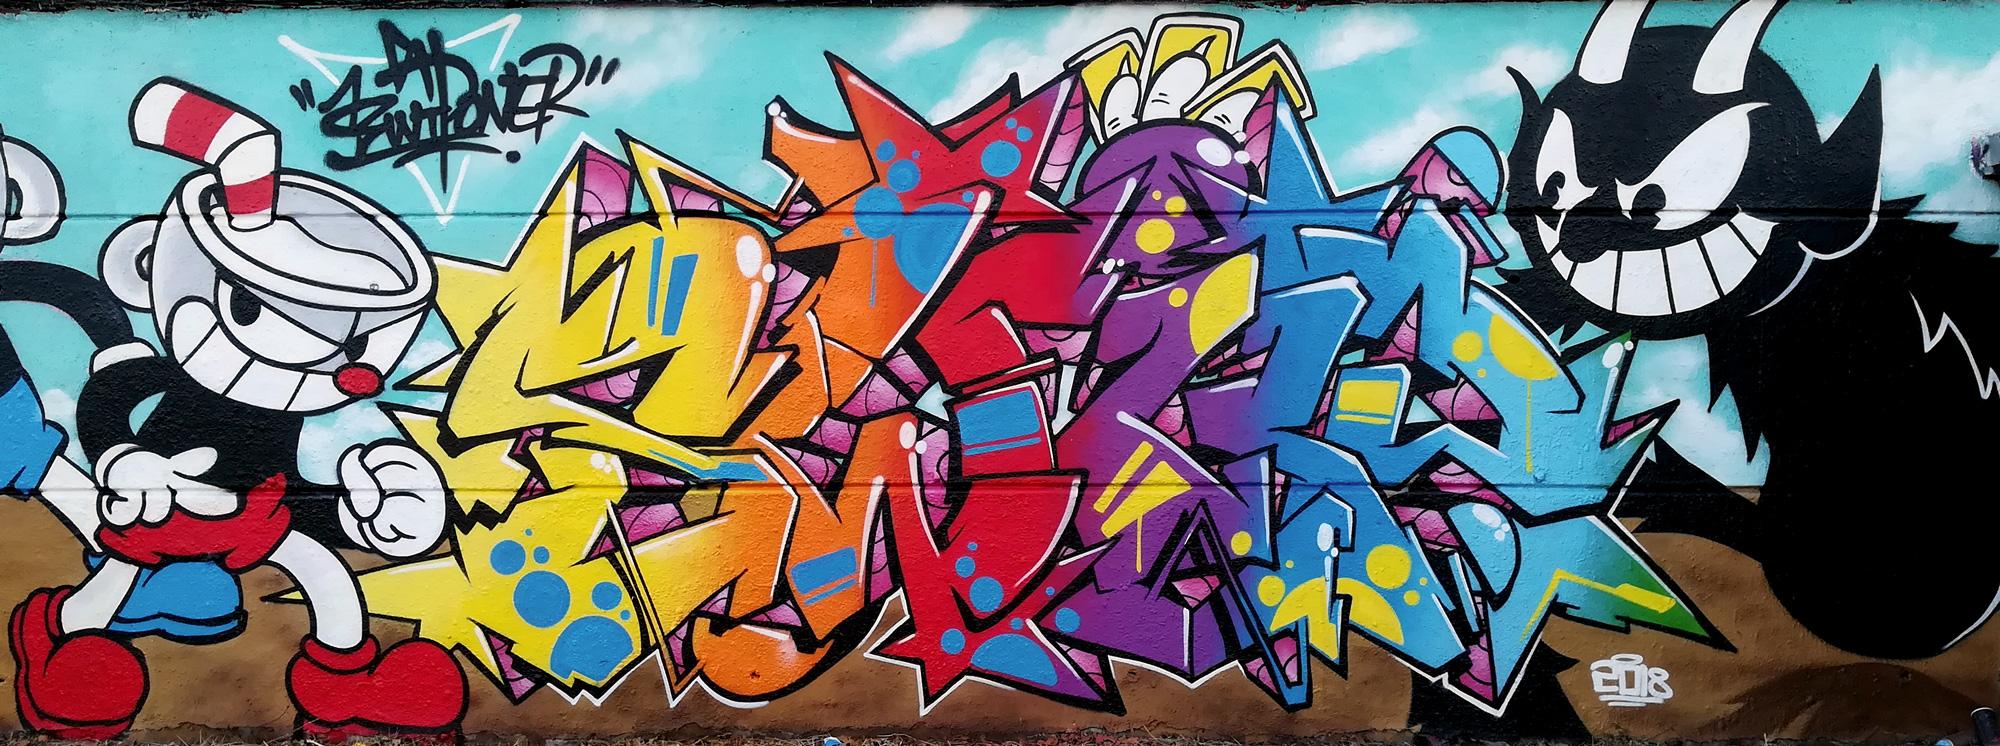 Graffiti Cuphead swiponer